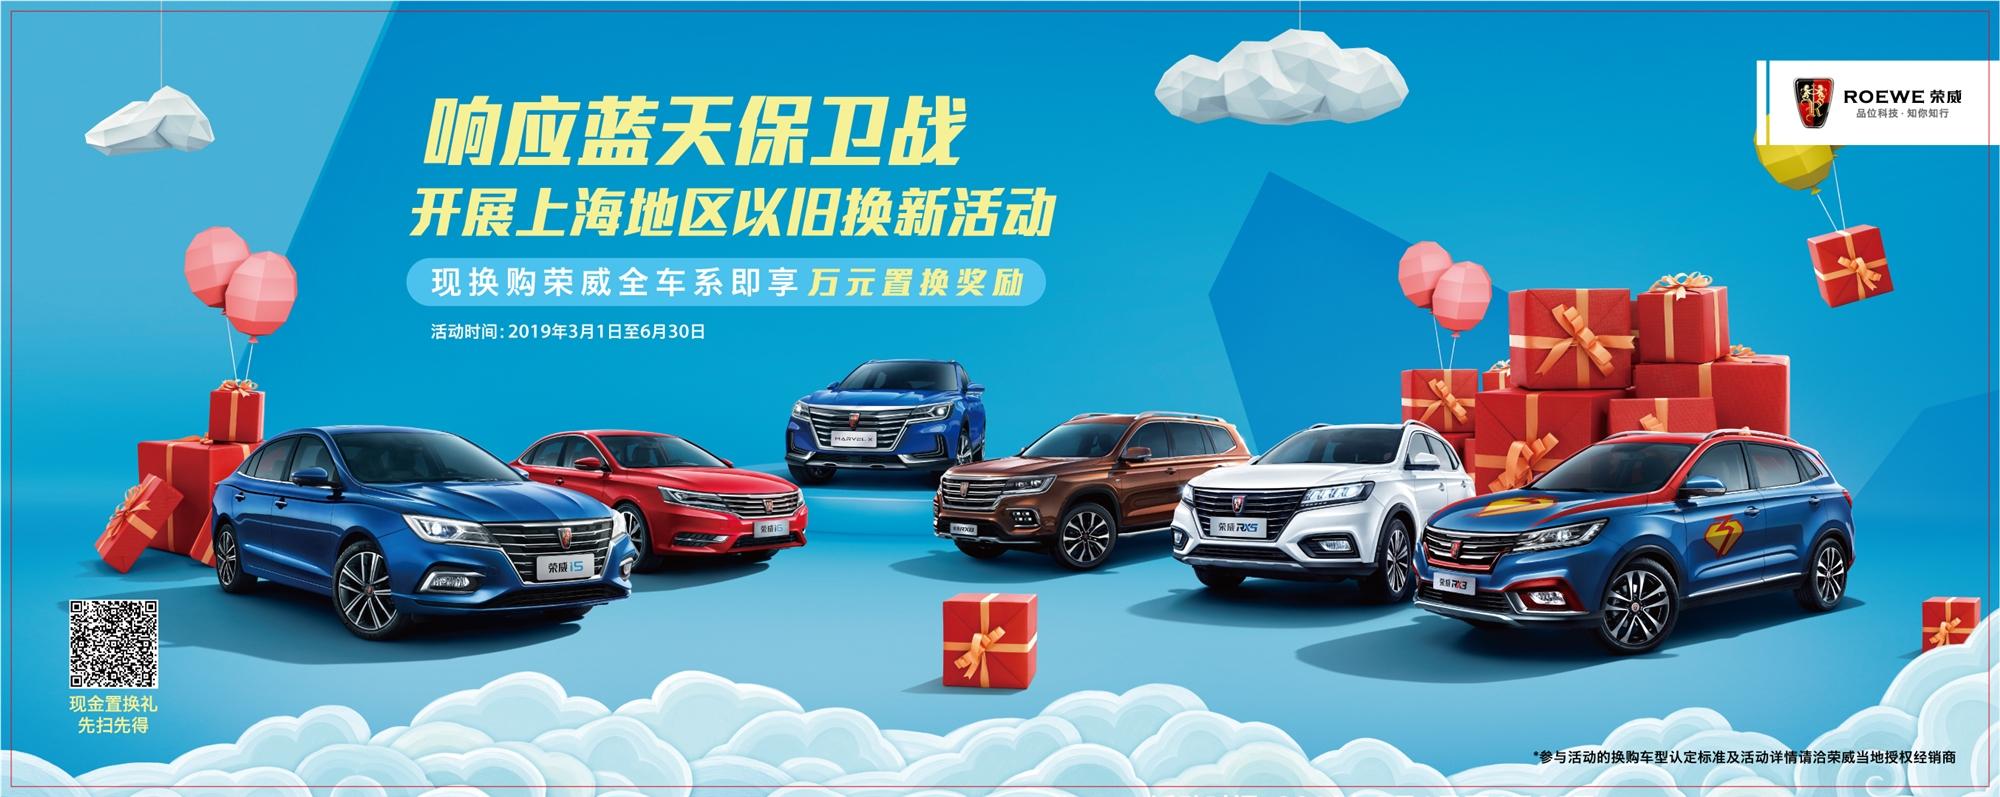 """上汽乘用车在上海地区推出""""以旧换新""""补贴政策 最高可享1.5万元补贴"""